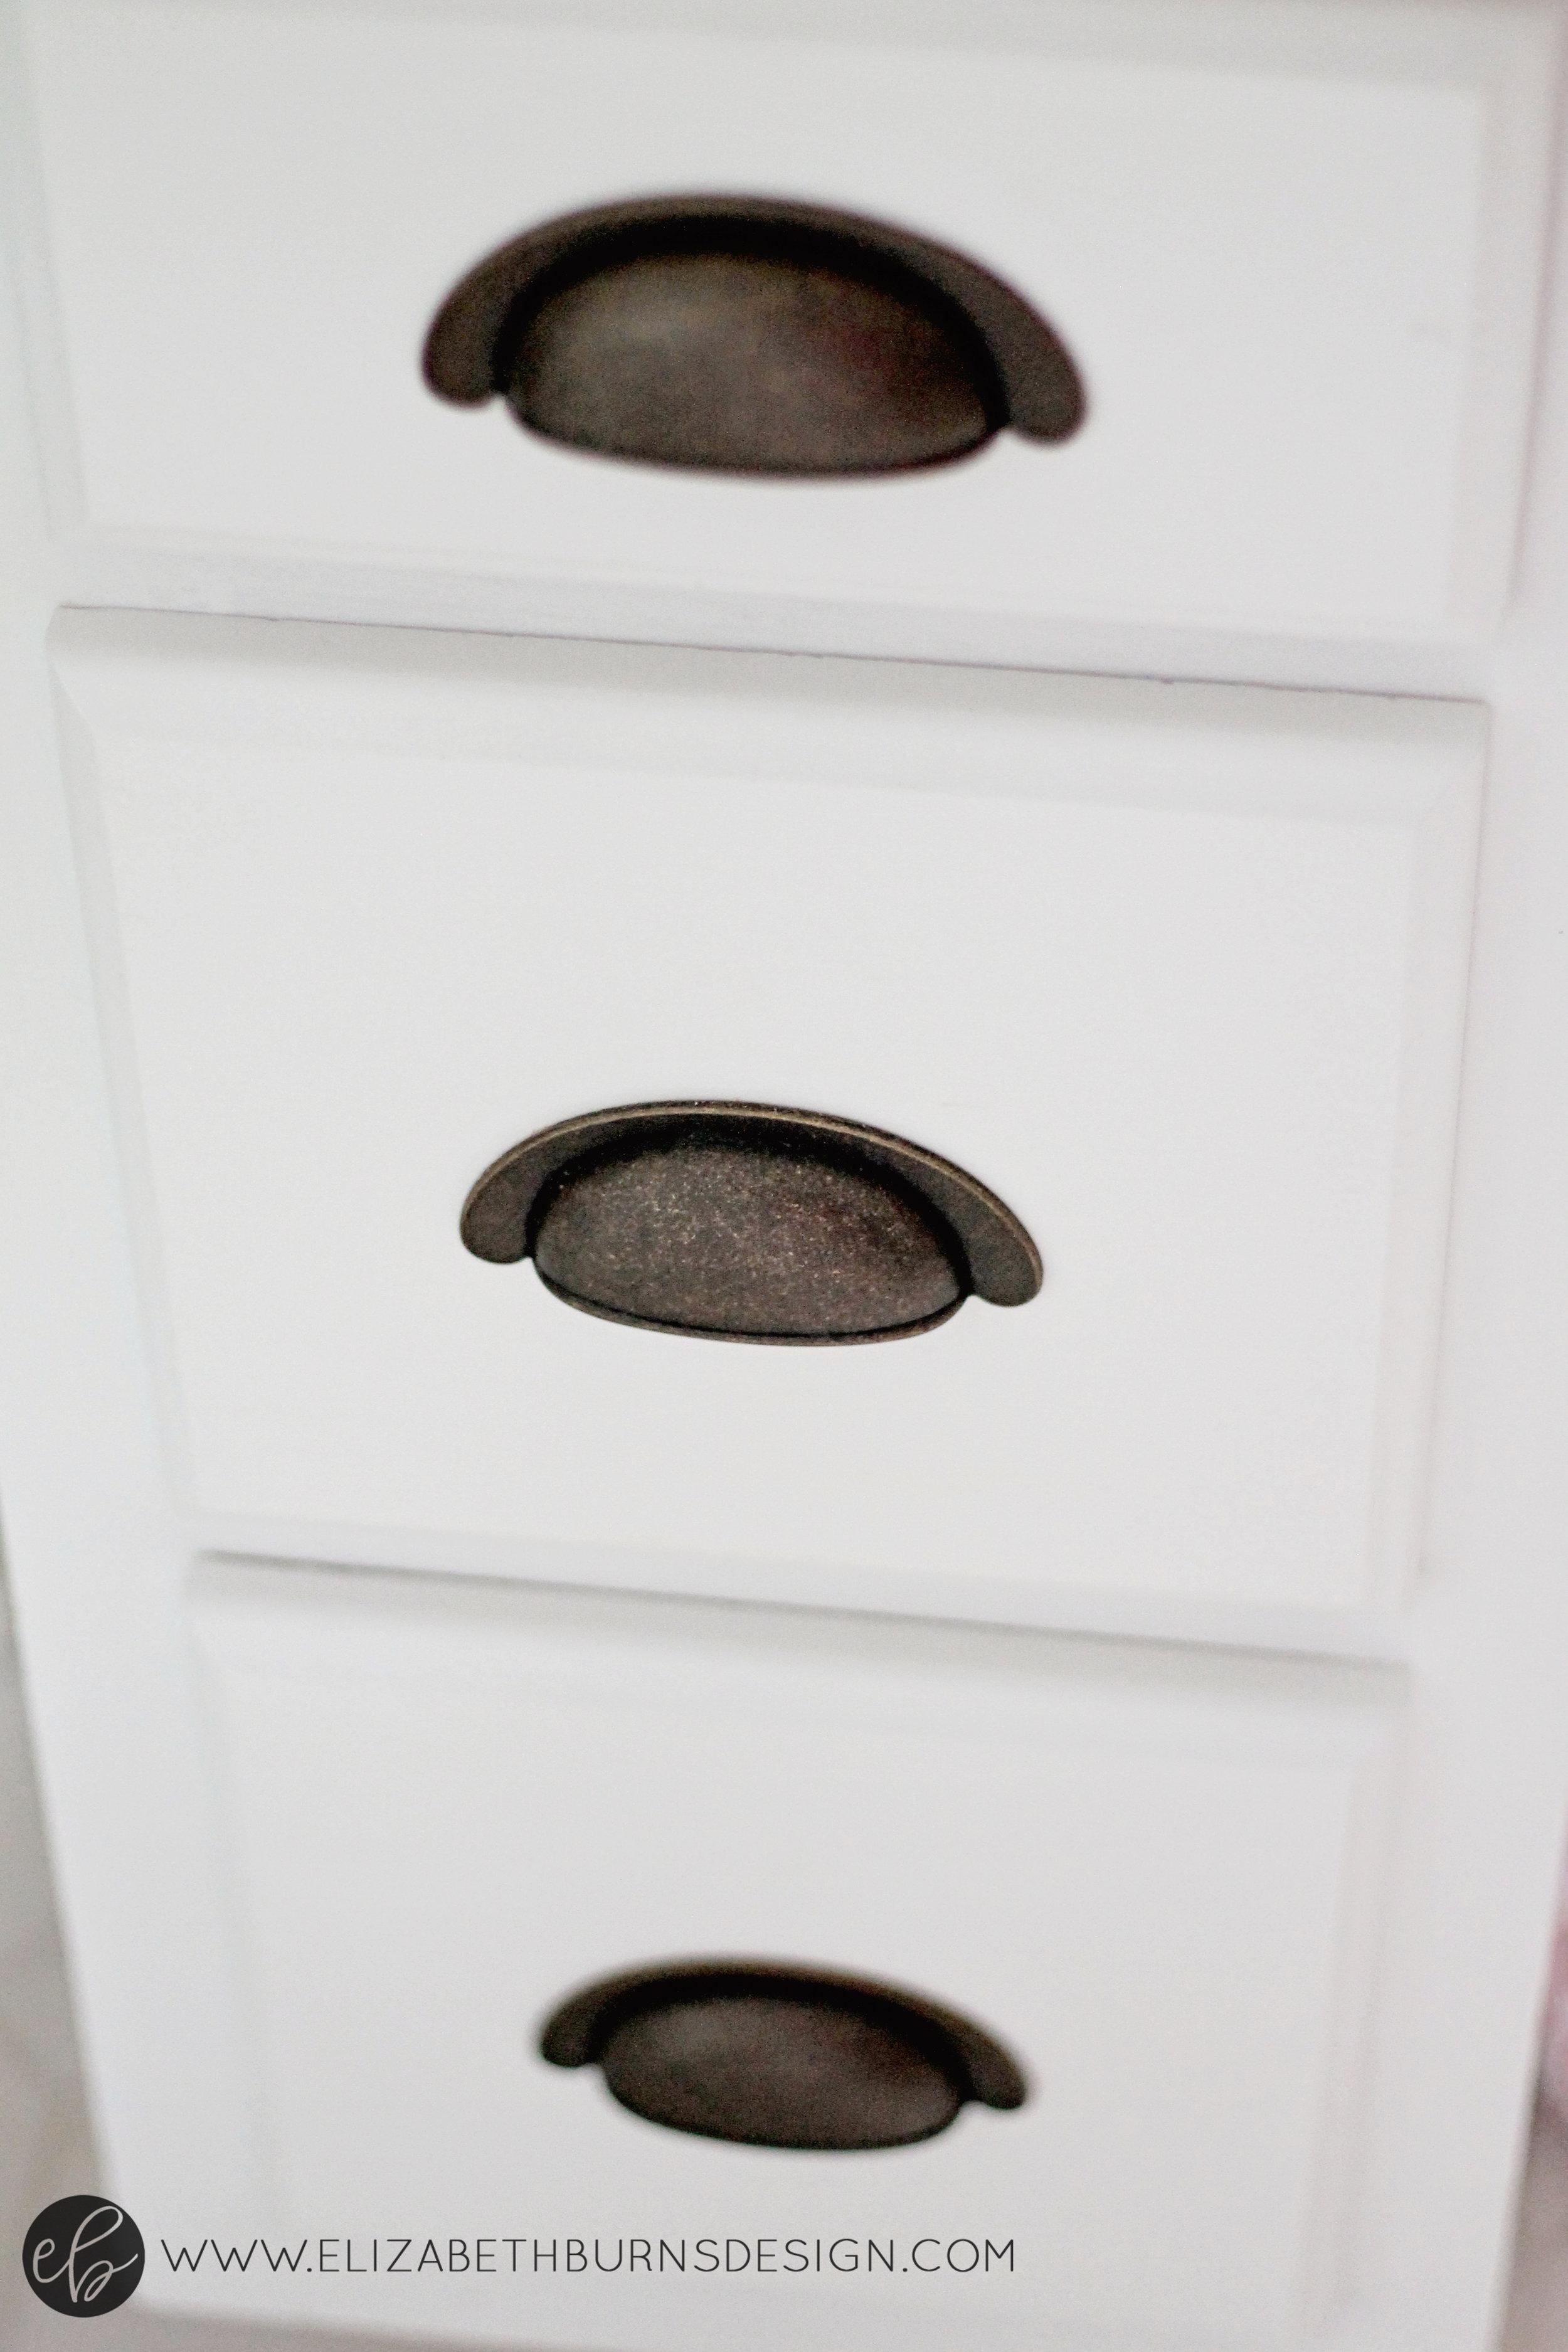 Elizabeth Burns Design | Raleigh Interior Designer -old oak cabinets painted white in builder grade kitchen with dark hardware; hardware to match brass hinges on kitchen cabinets